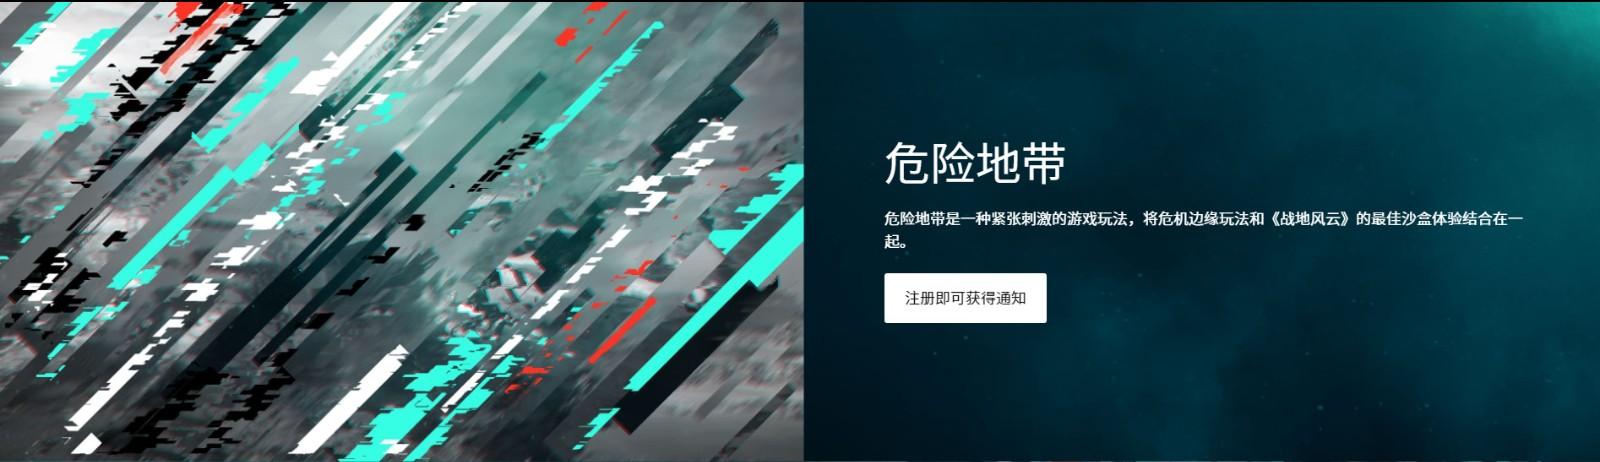 """《战地2042》""""绝密""""模式曝光 首批细节泄露"""